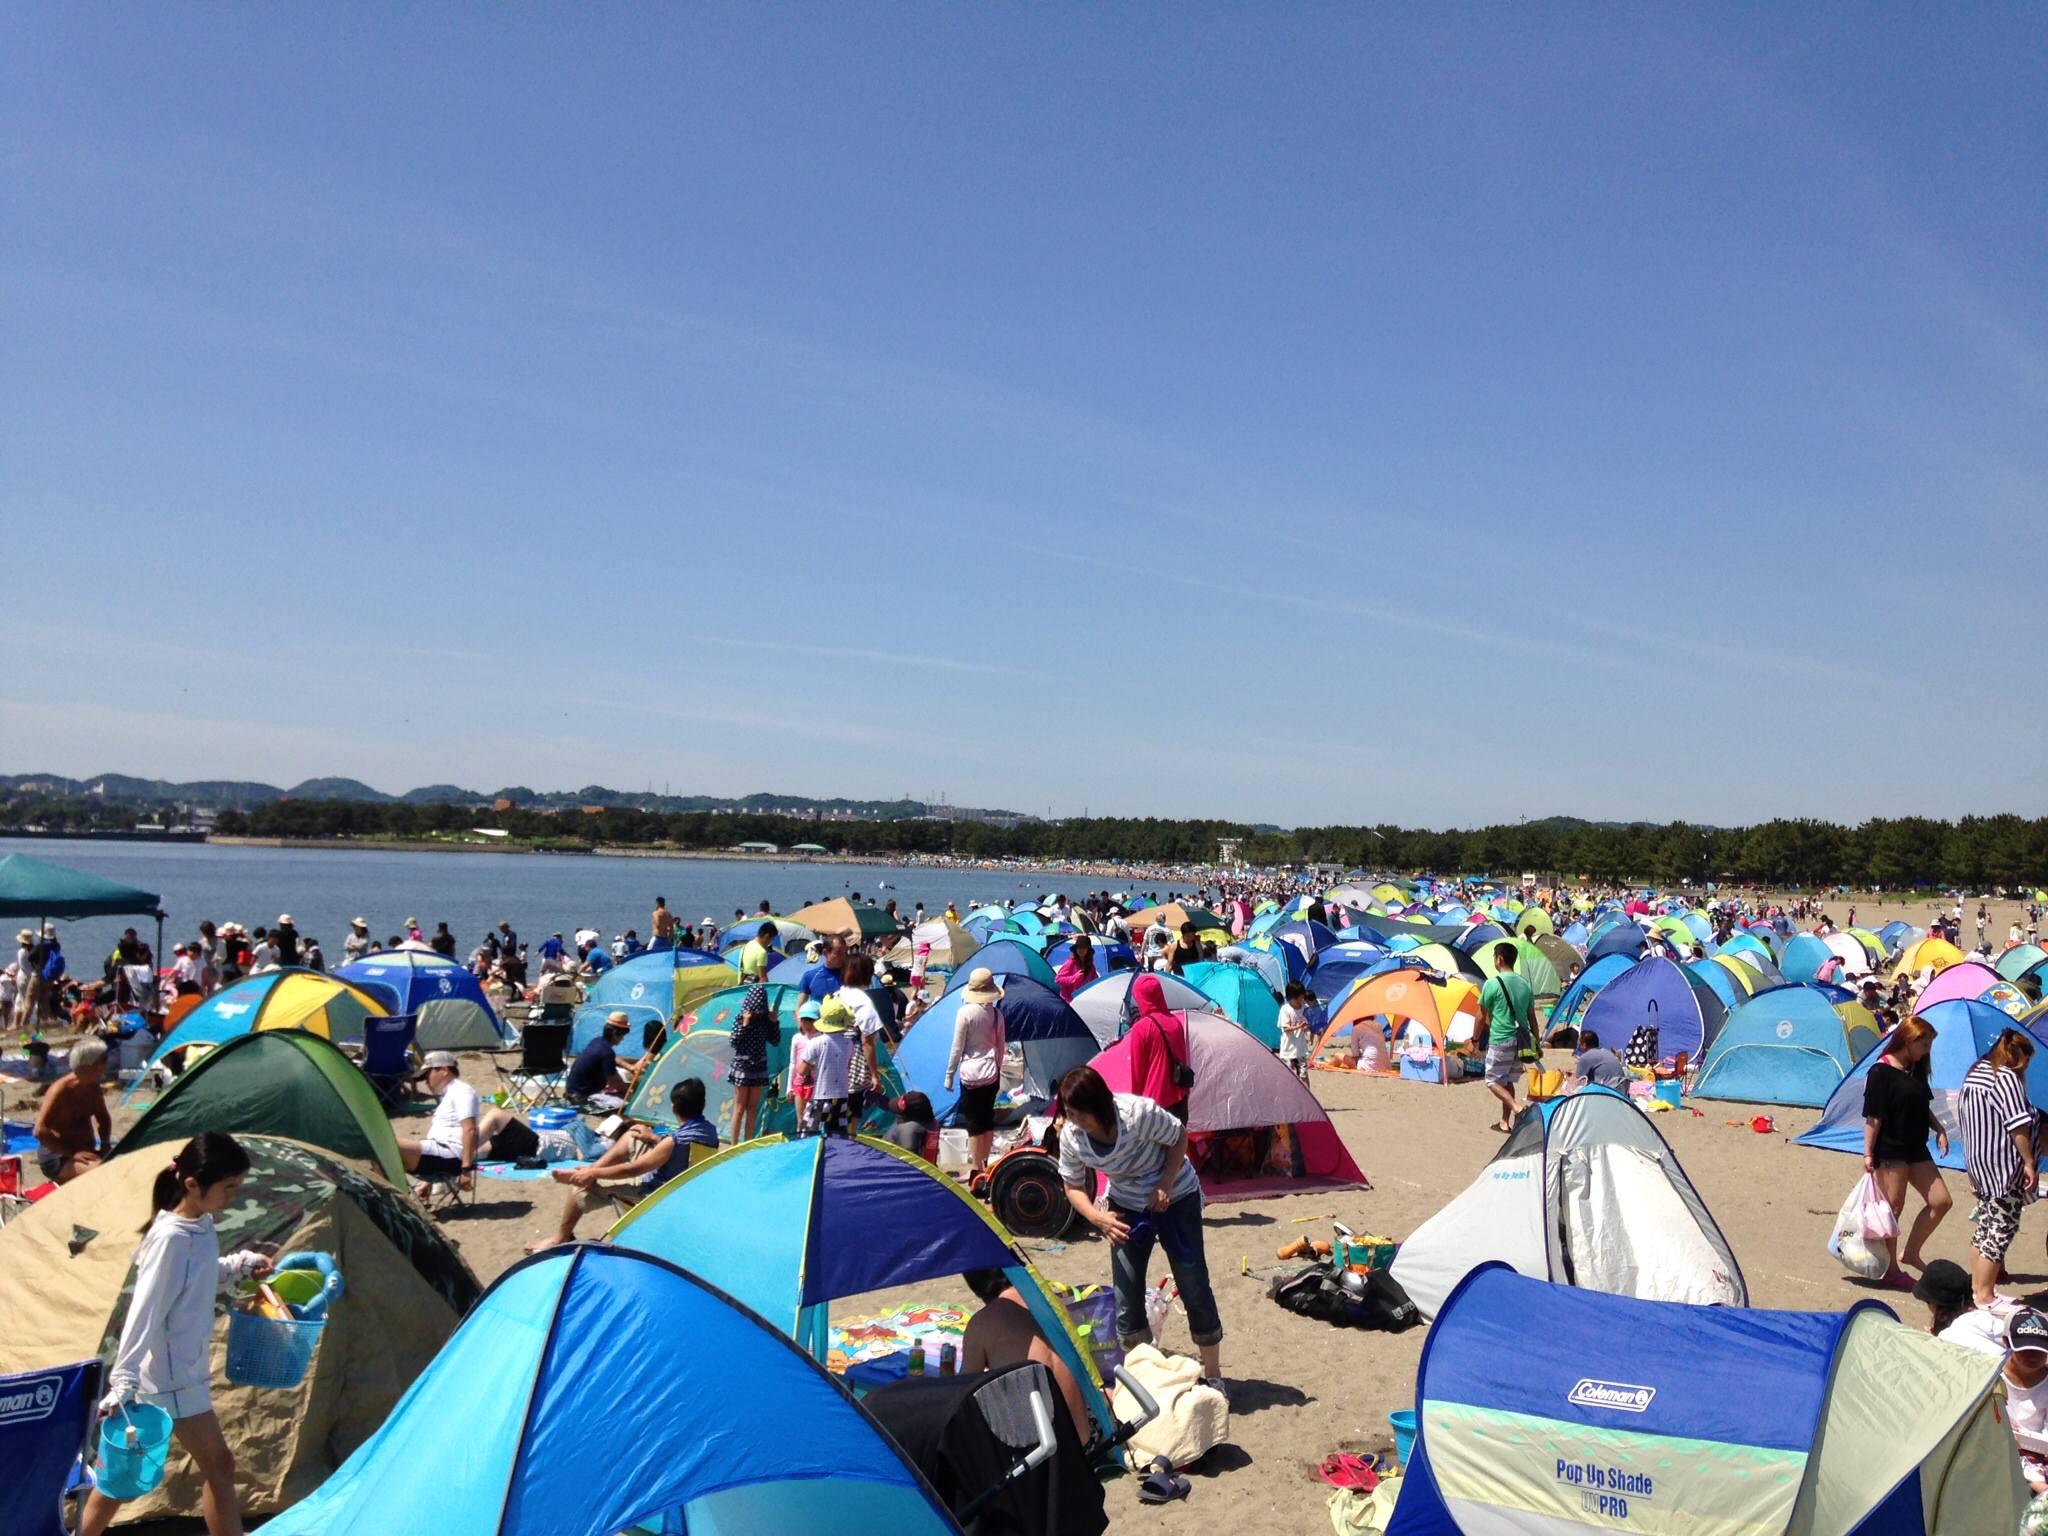 【横浜市】潮干狩りするために、「海の公園」に来た日記